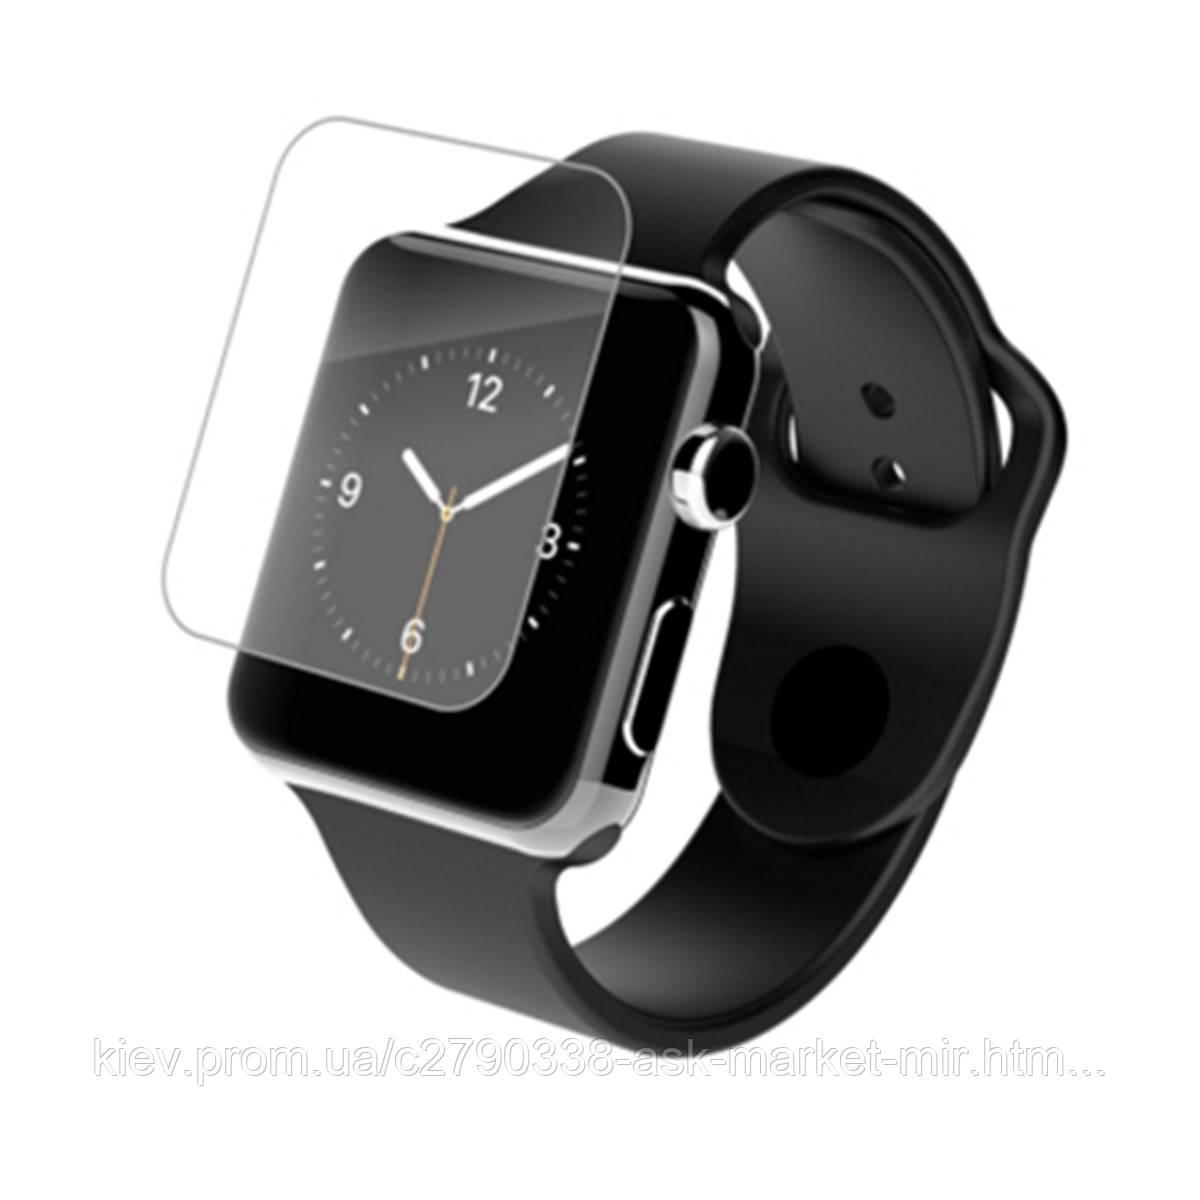 Захисне скло ProGlass для Apple Watch Series 1 38mm, Watch Series 2 38mm, Watch Series 3 38mm